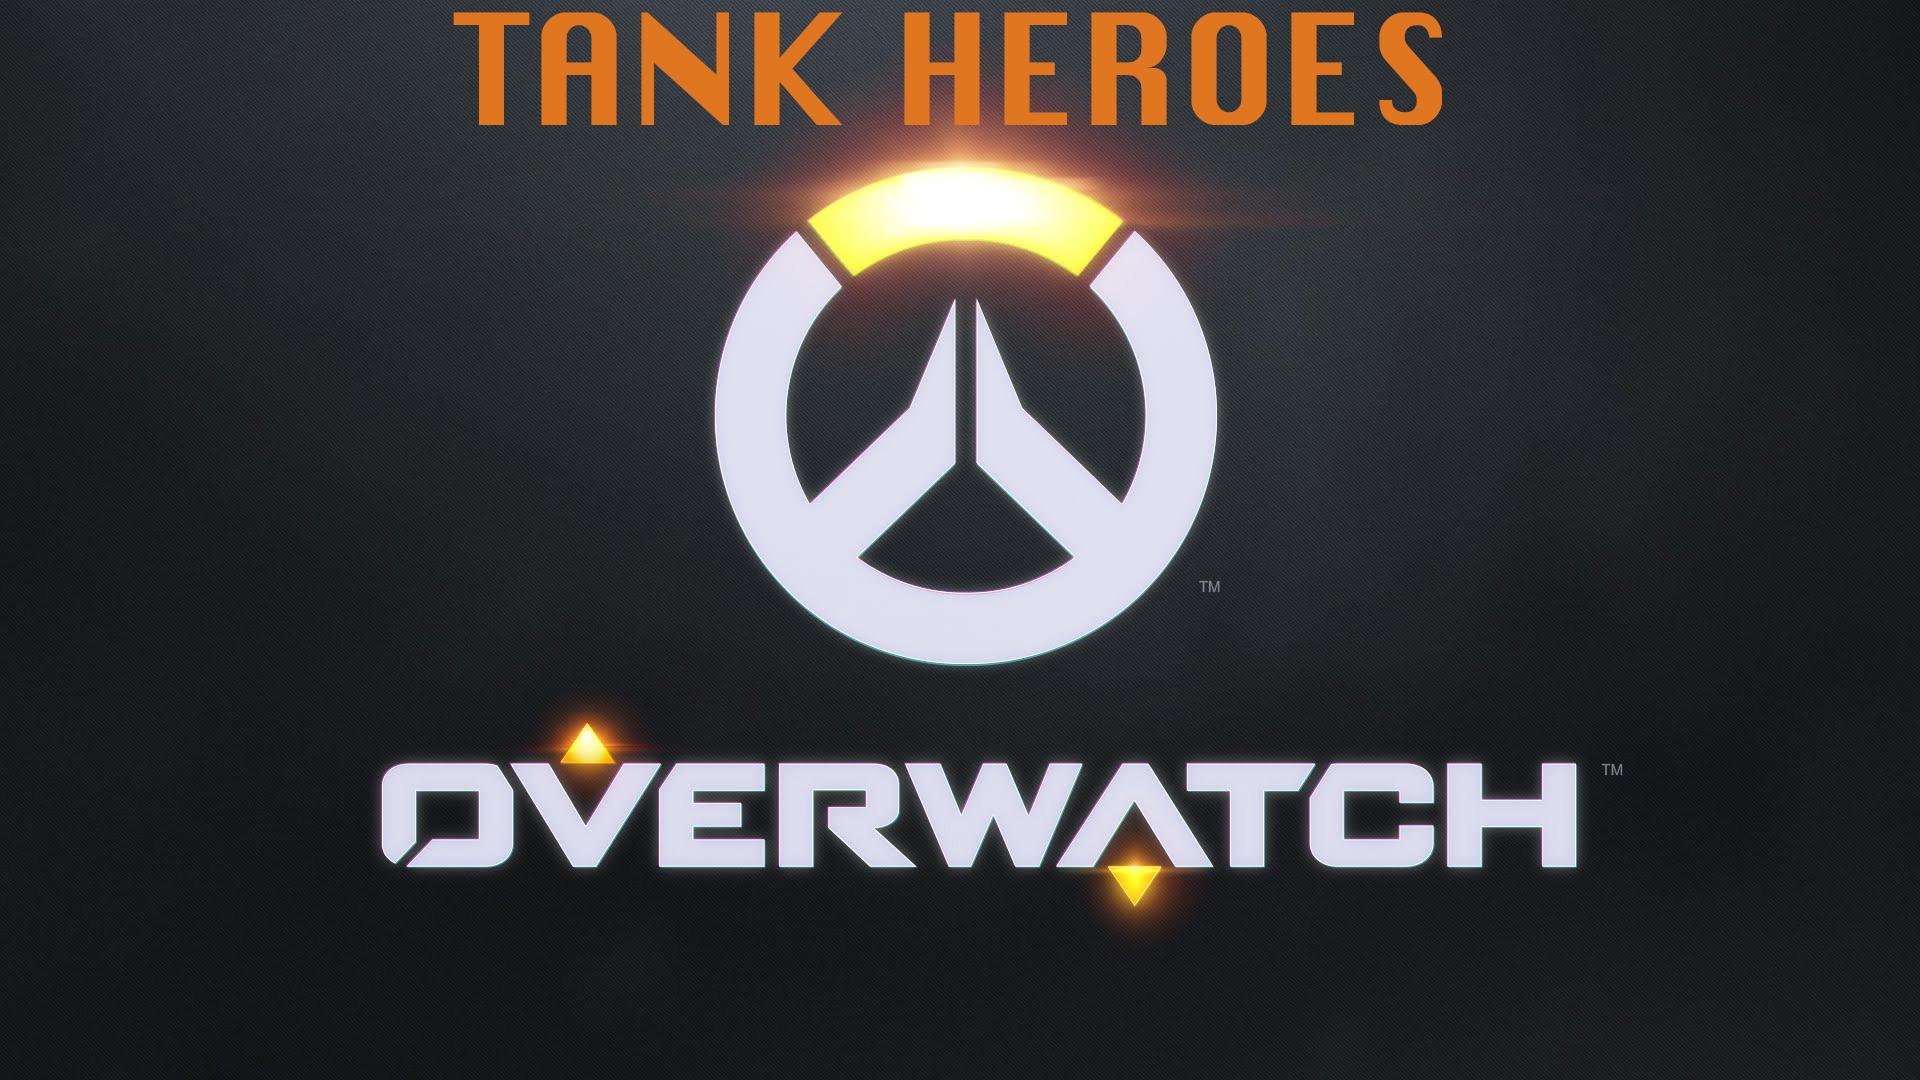 Best Overwatch Tank Heroes